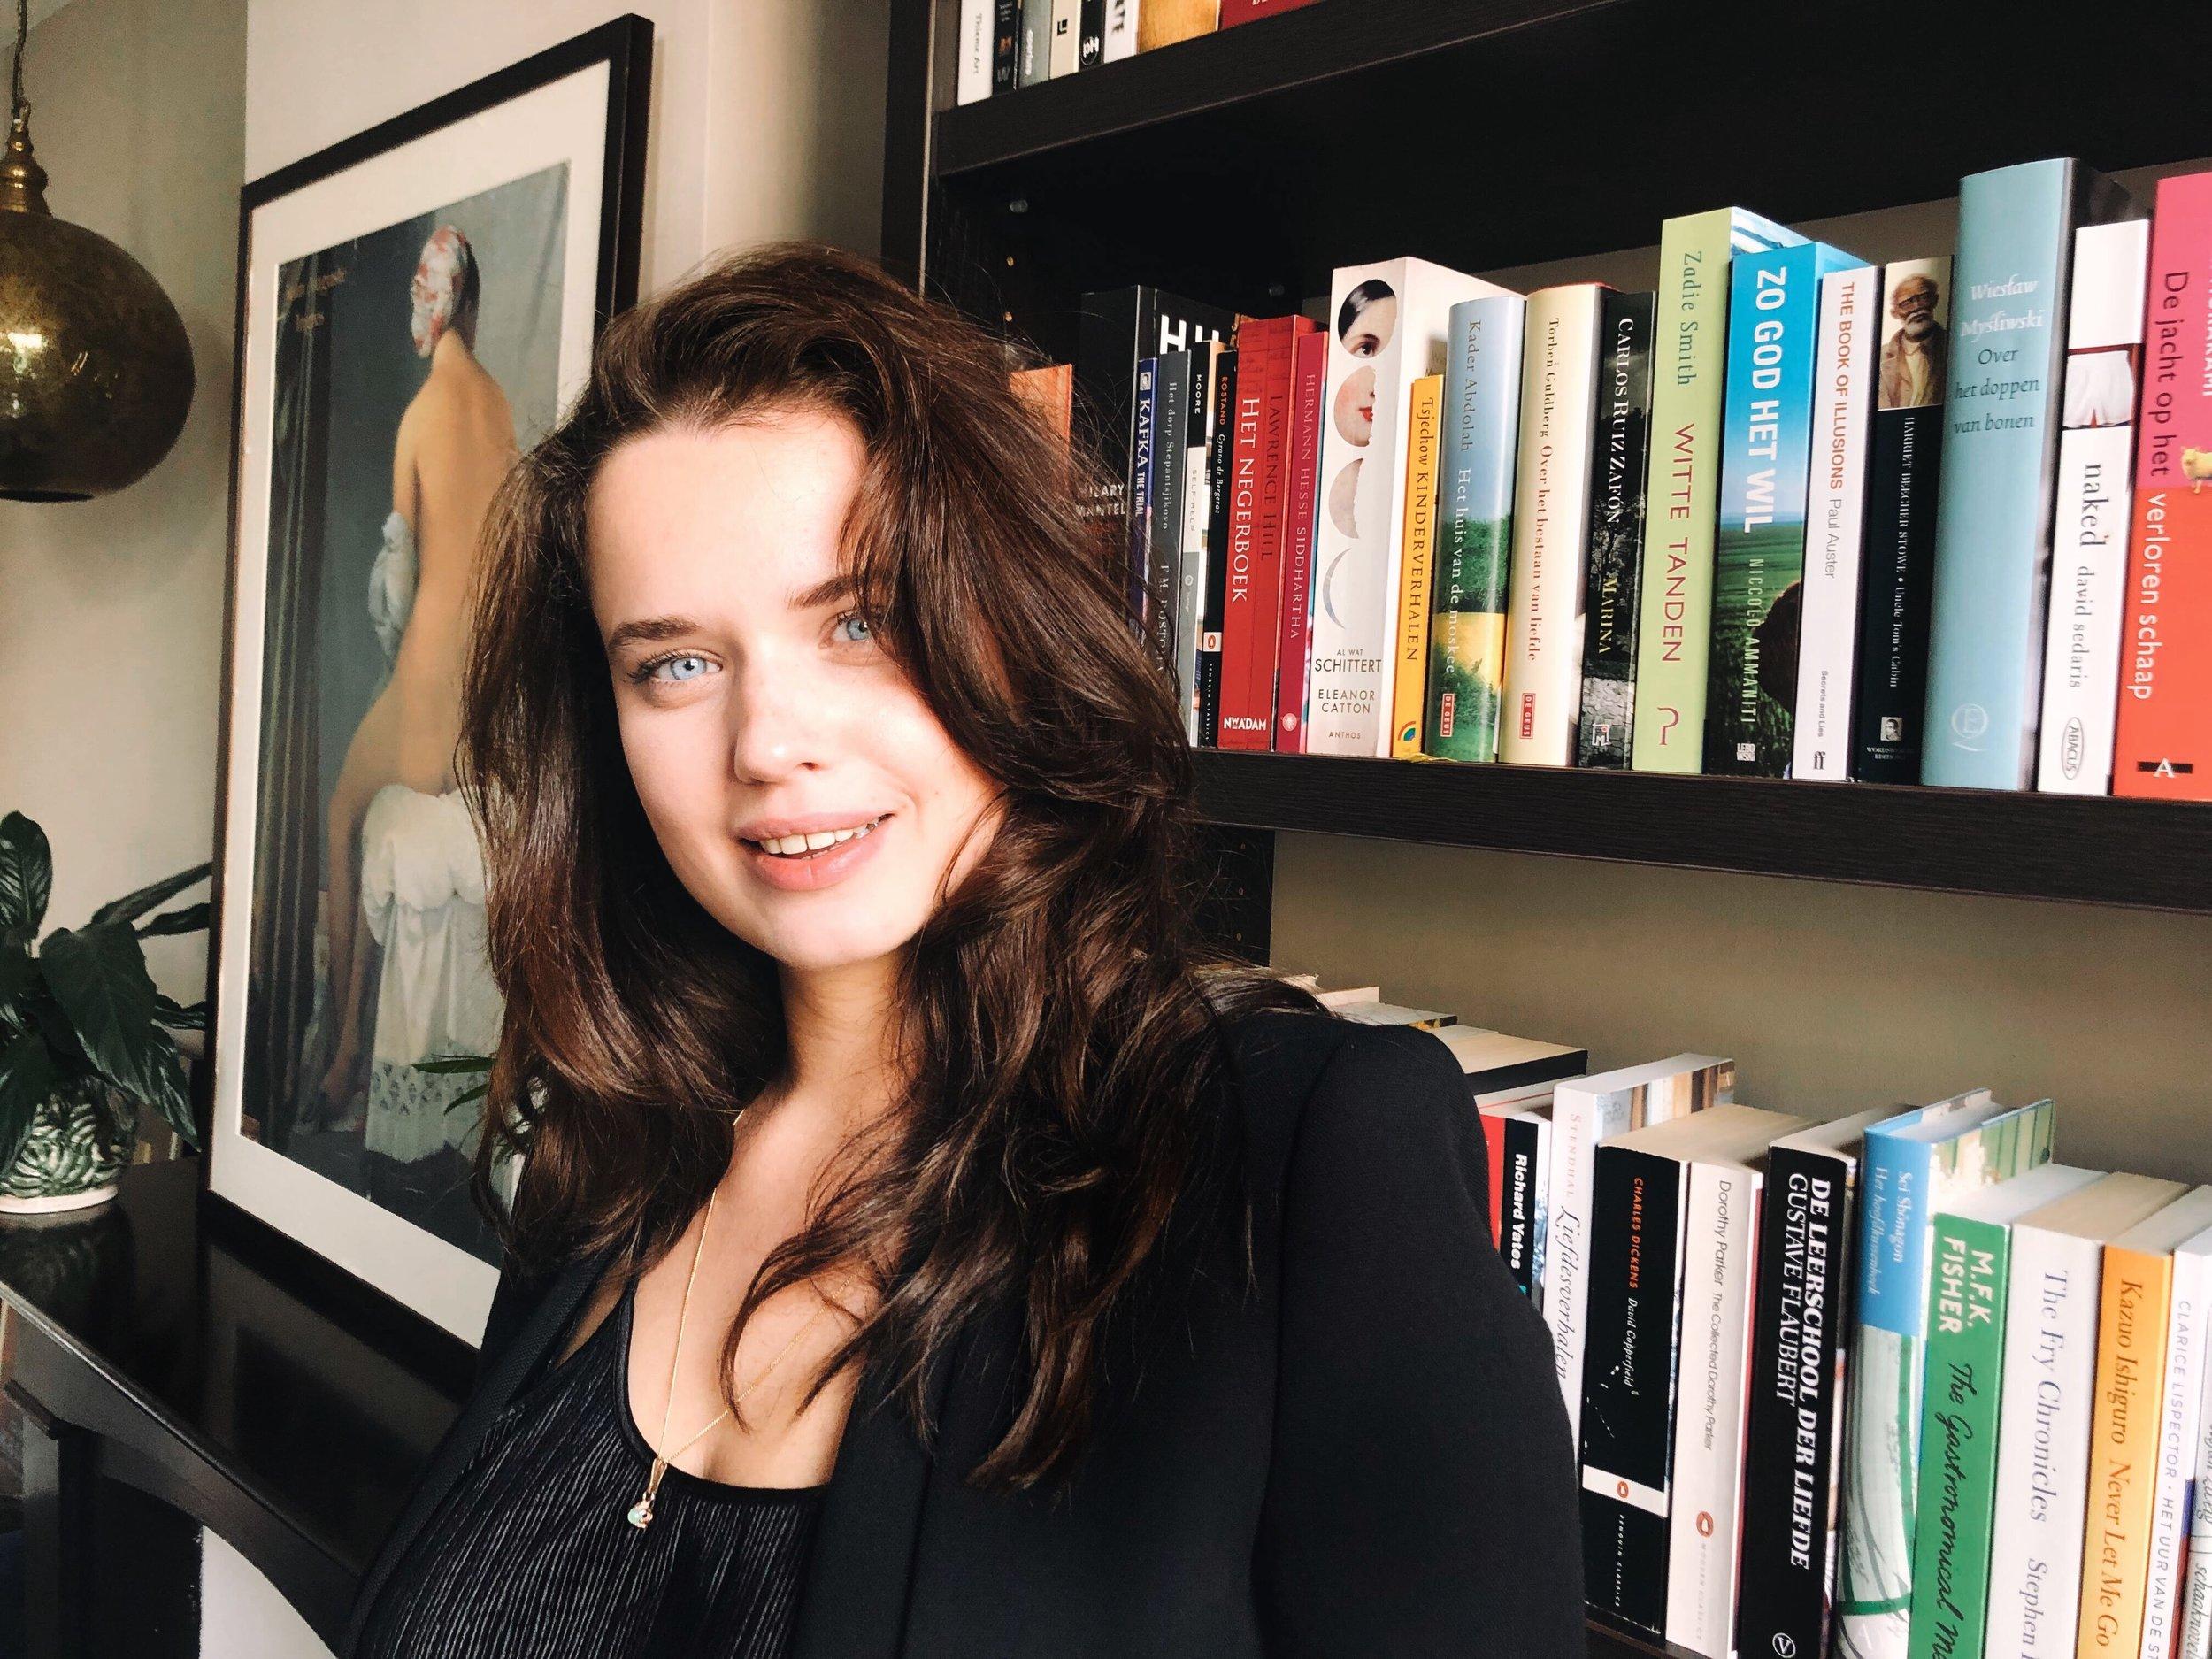 - Nathalie Maciesza is kunsthistorica en mede-oprichter van het online platform De Kunstmeisjes. En binnenkort is ze ook schrijfster van een boek (!). In augustus verschijnt namelijk het boek De Kunstmeisjes.